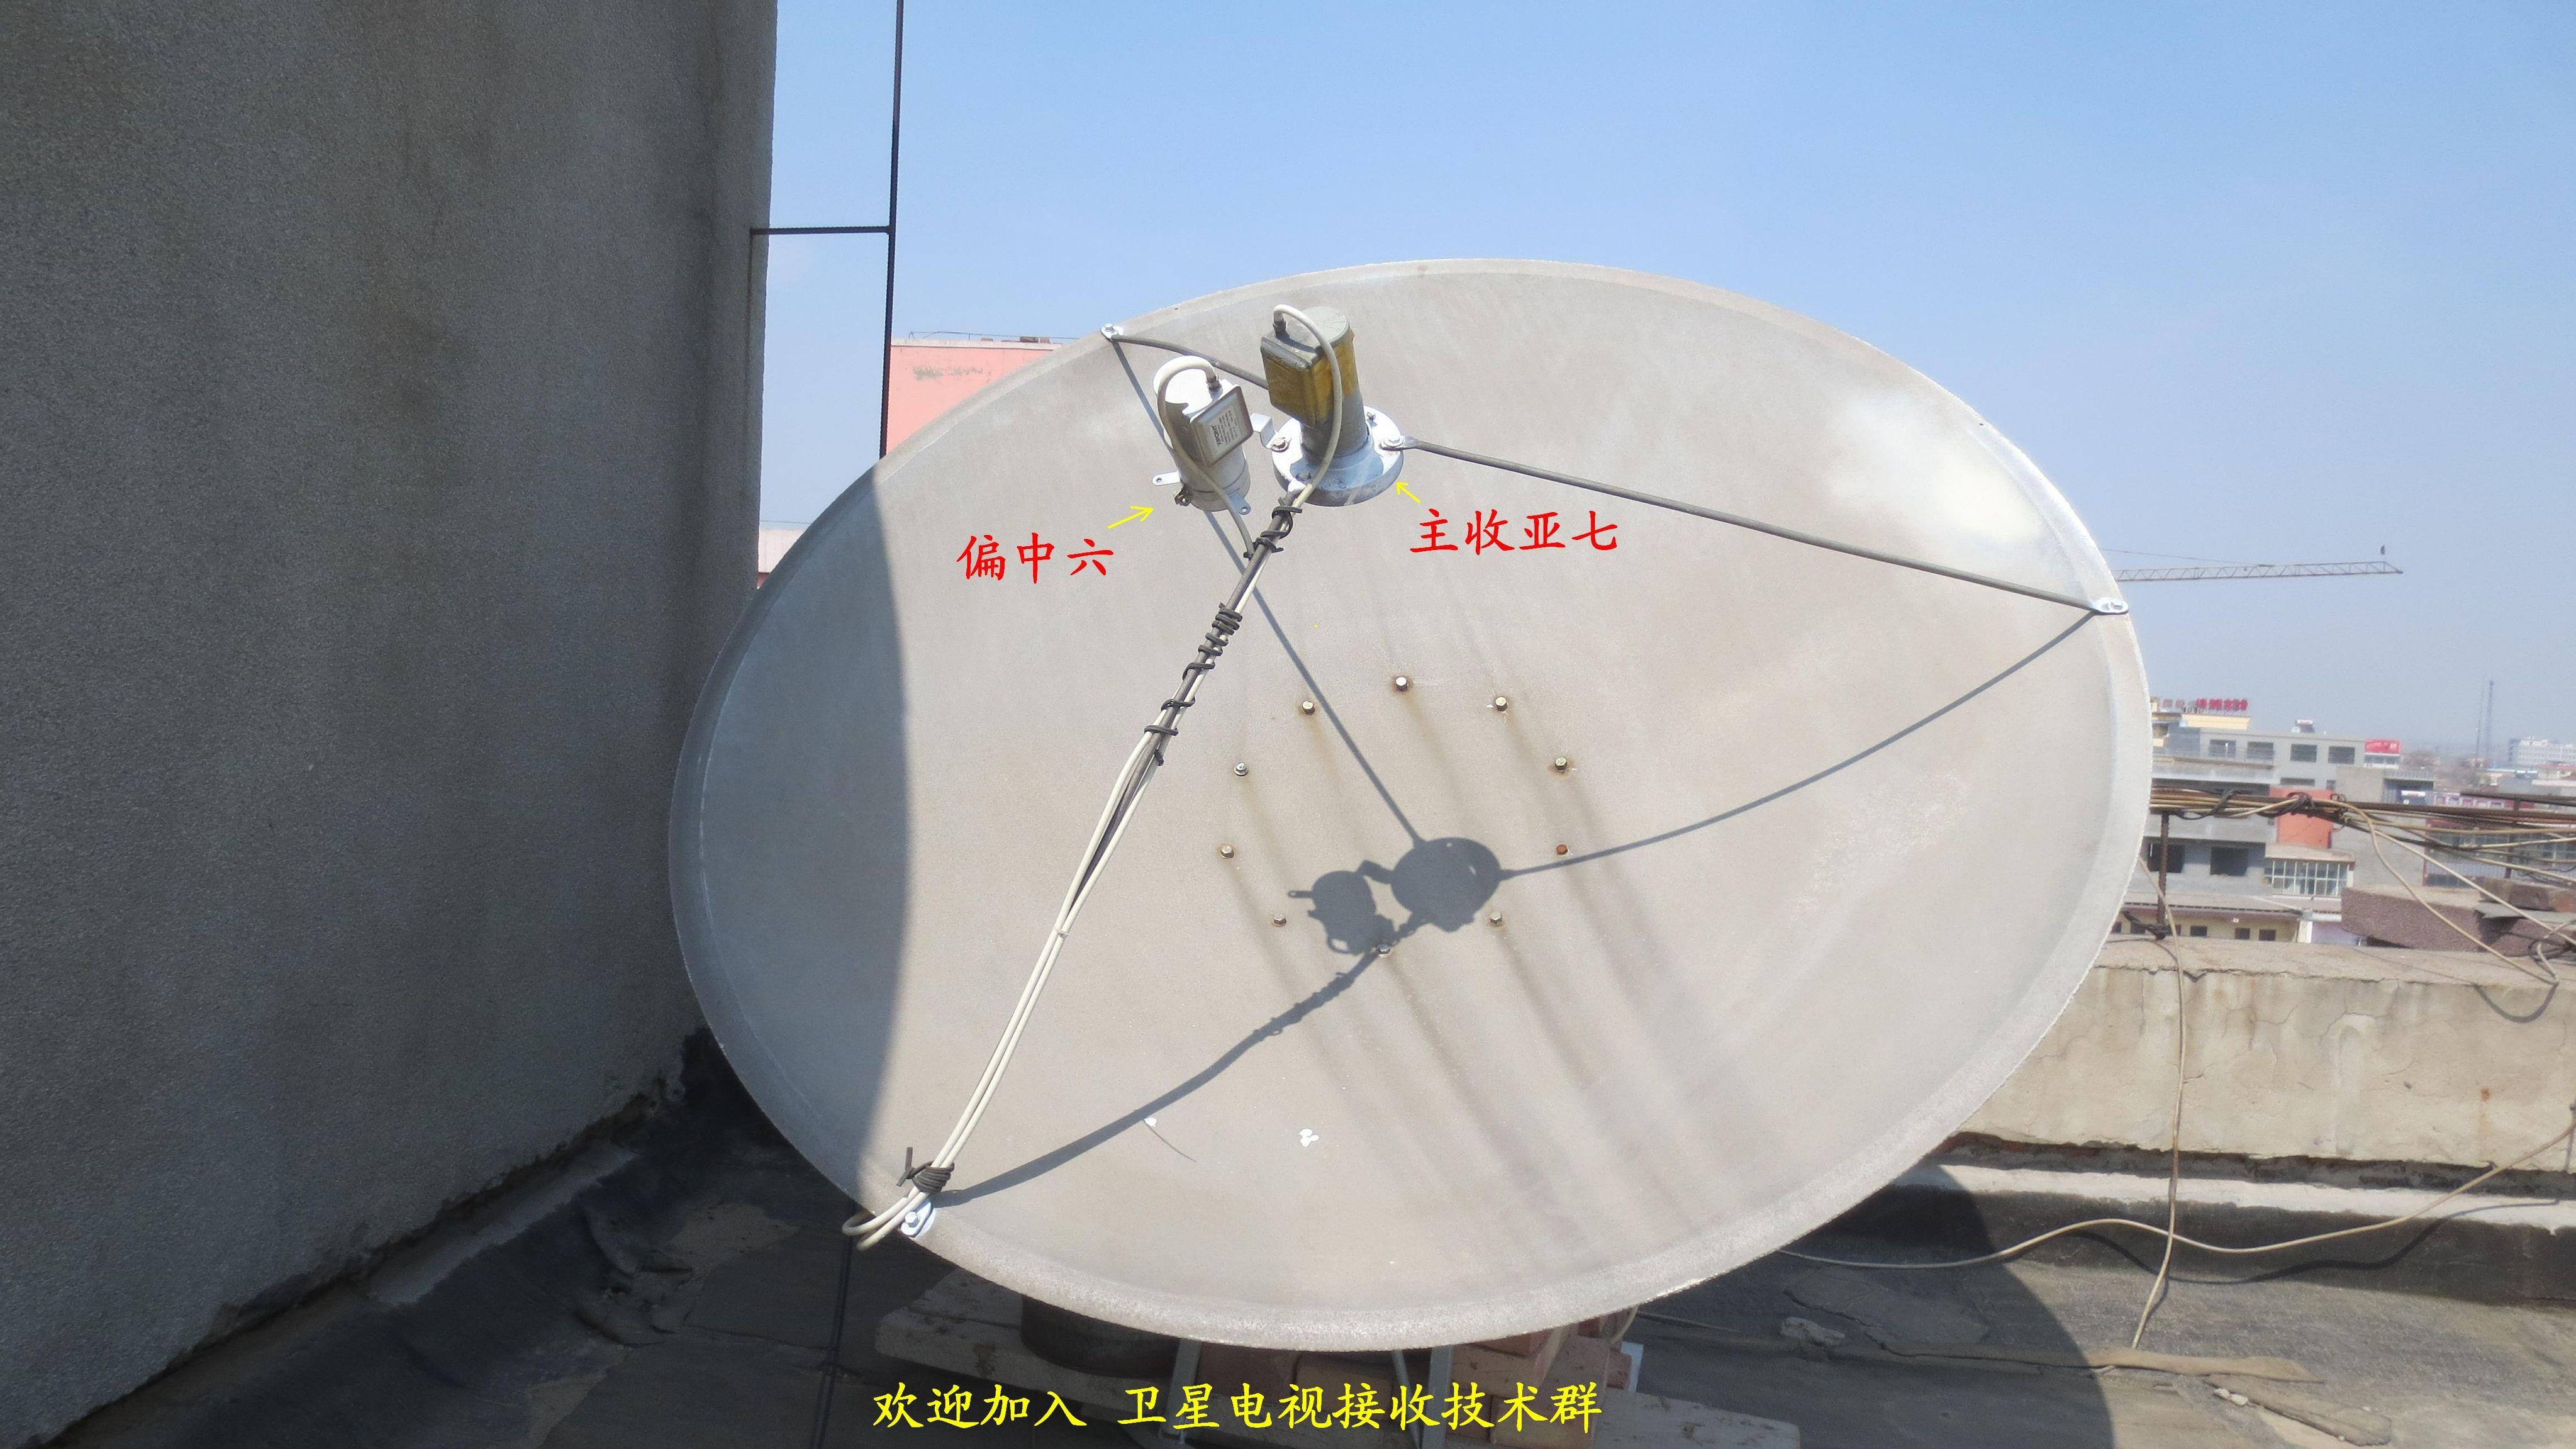 衛星鍋天線_衛星大鍋天線_一鍋多星衛星天線